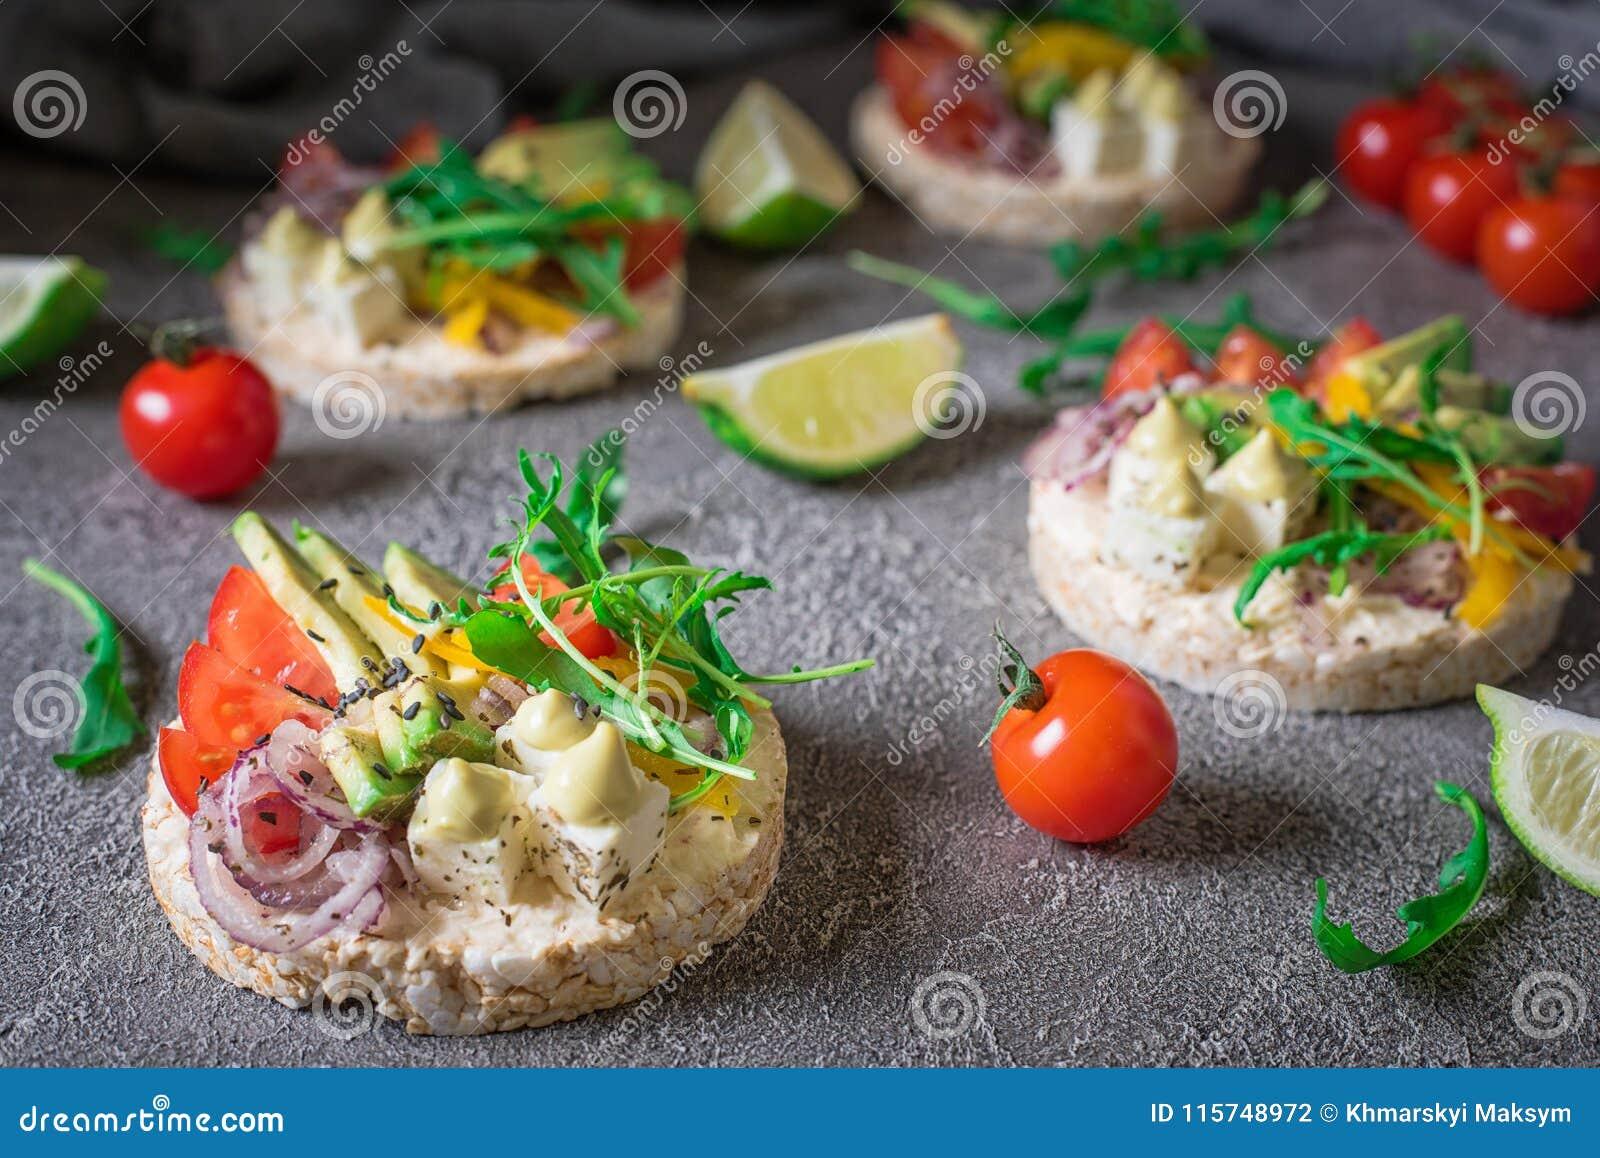 Bruschetta con il pomodoro, l avocado, le erbe e la rucola Priorità bassa rustica Vista superiore